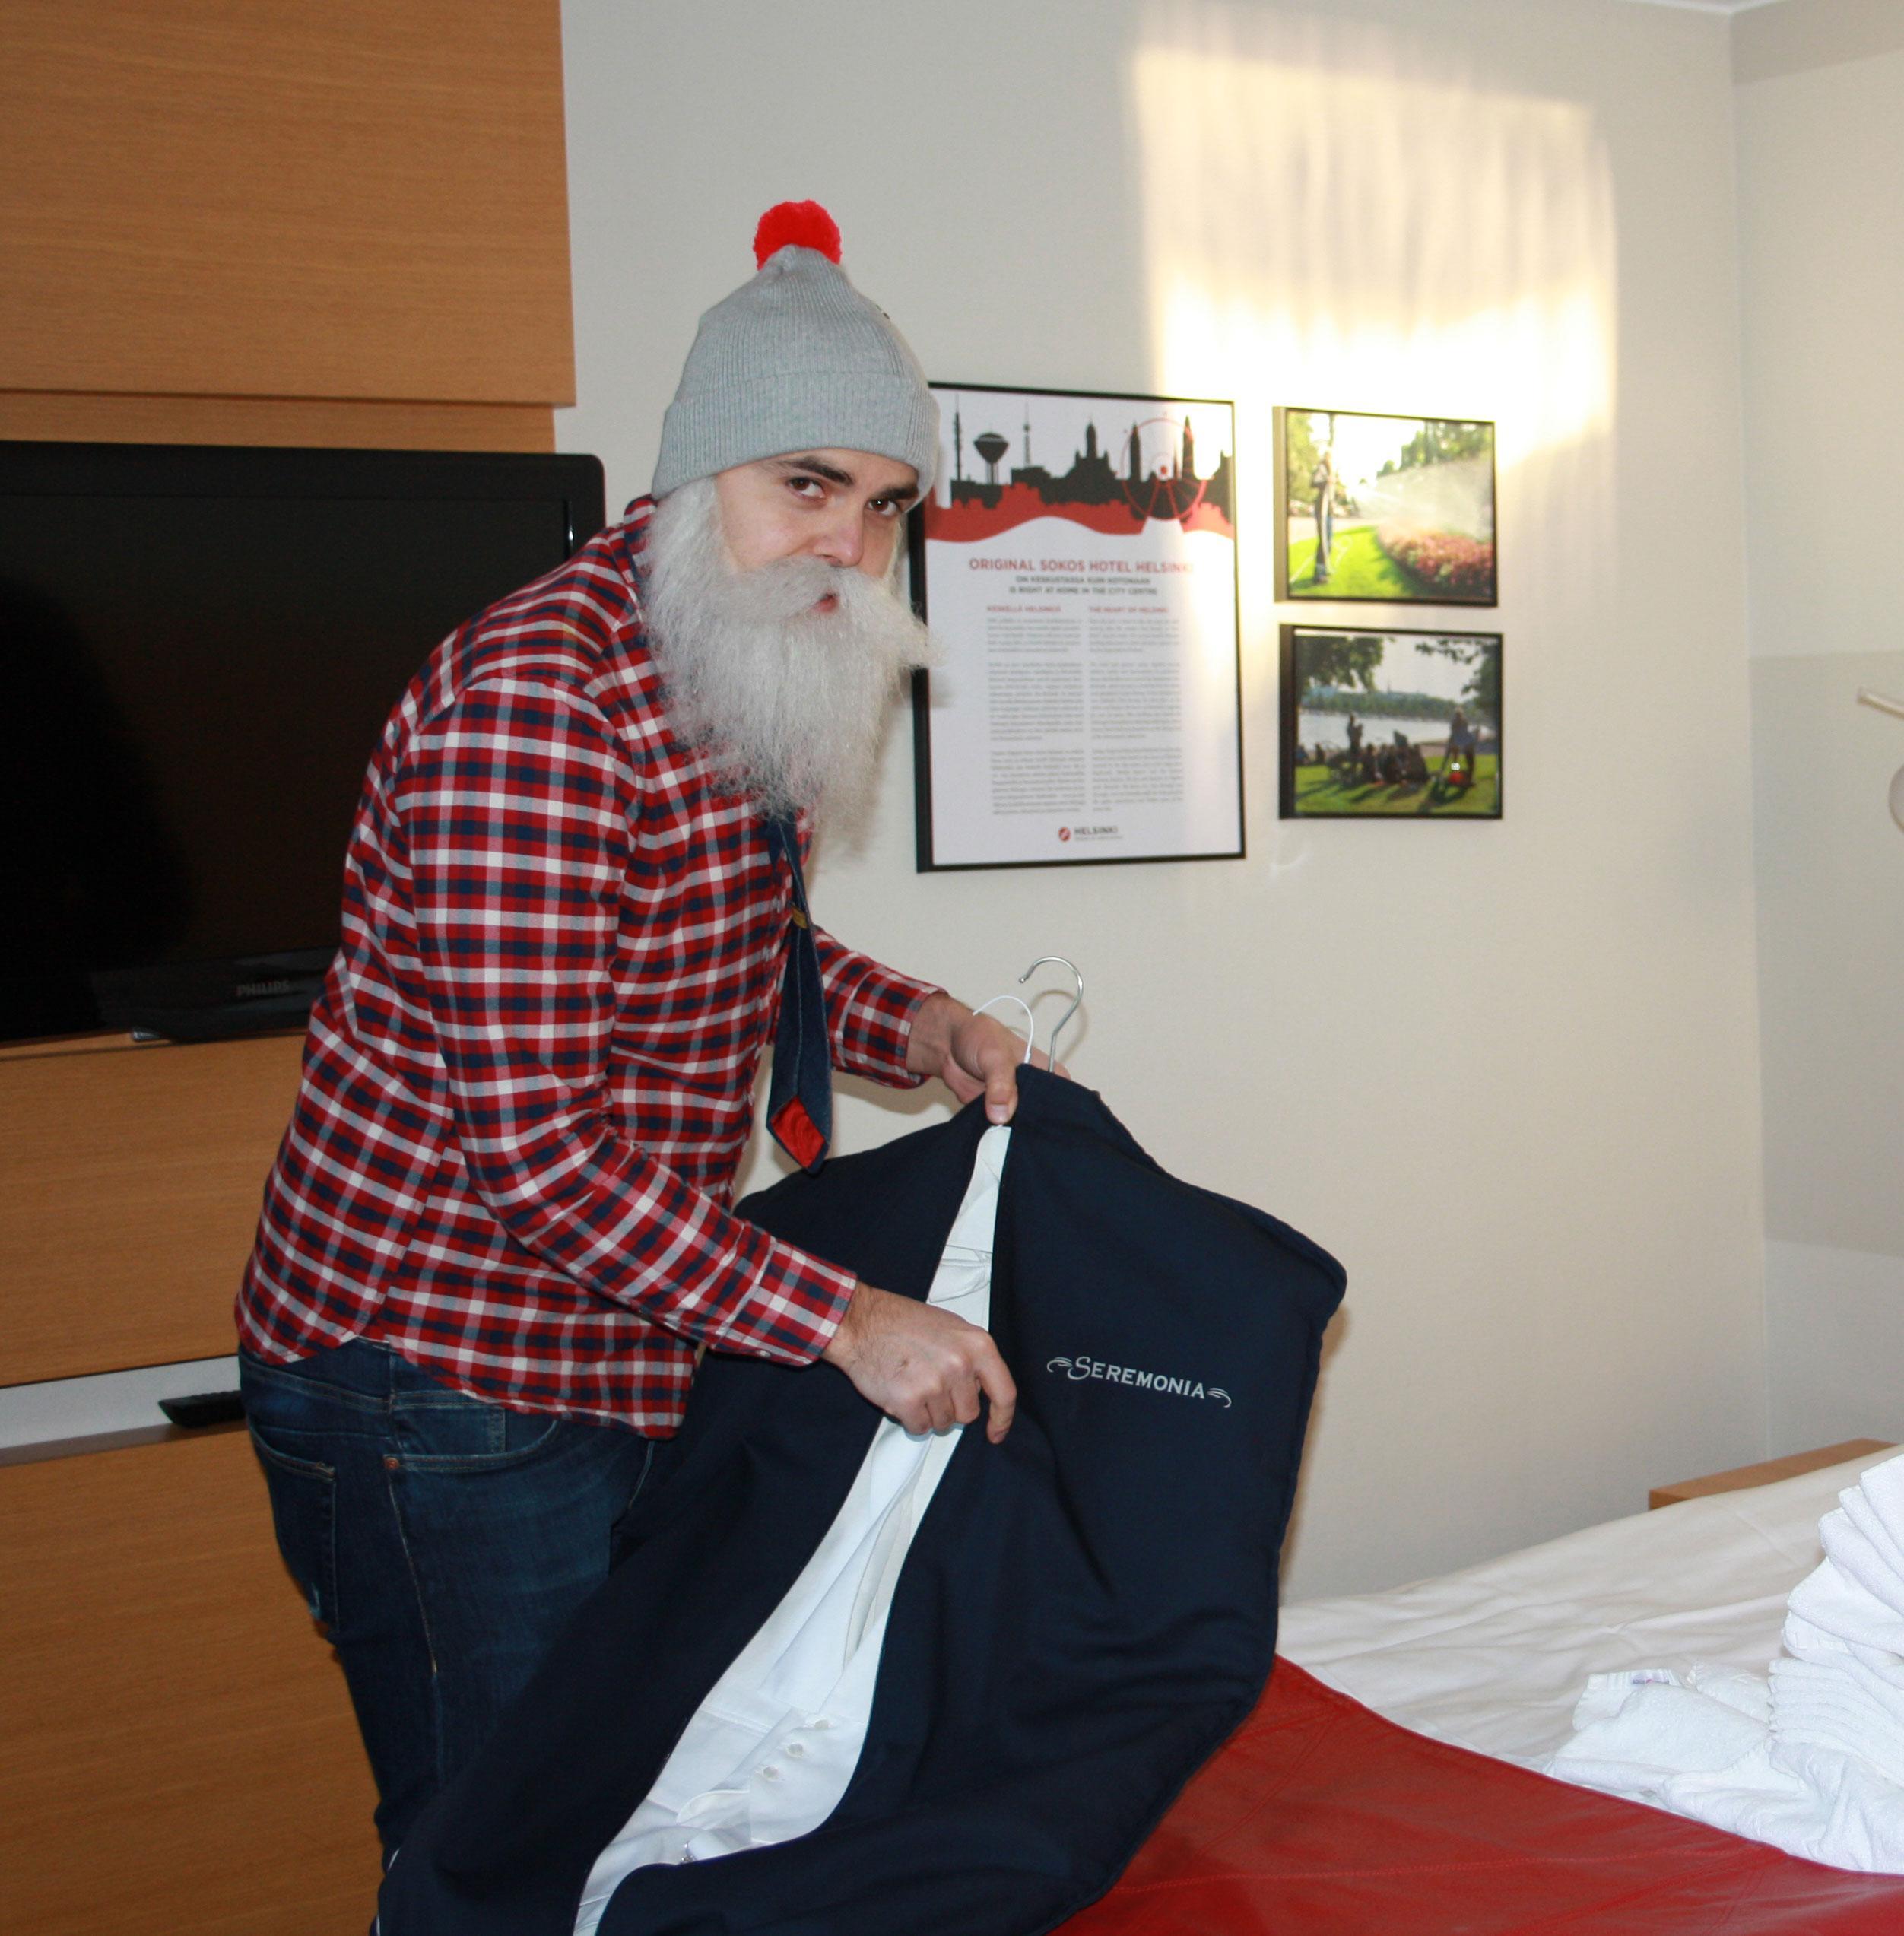 Brother Christmas pukeutuu Linnaan etiketin mukaisesti tummaan frakkiin. - Minulla ei ole koskaan aiemmin ollut frakkia päällä, hän kertoi.